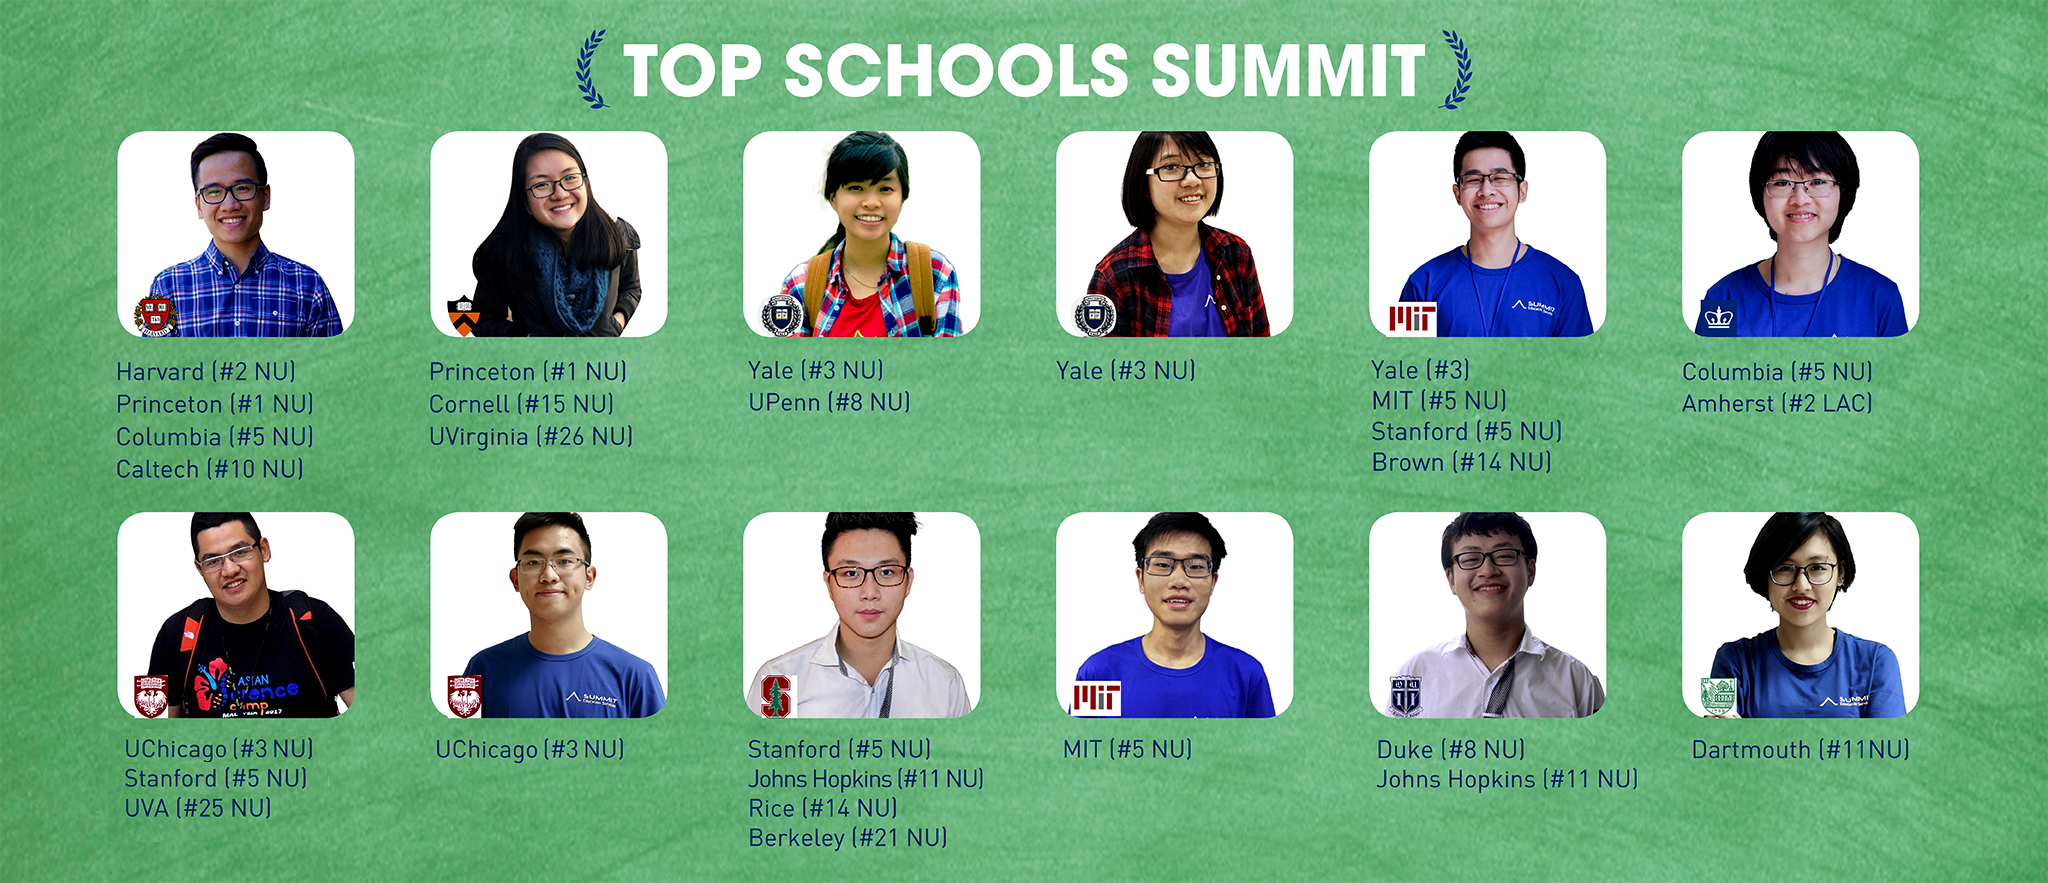 Top schools